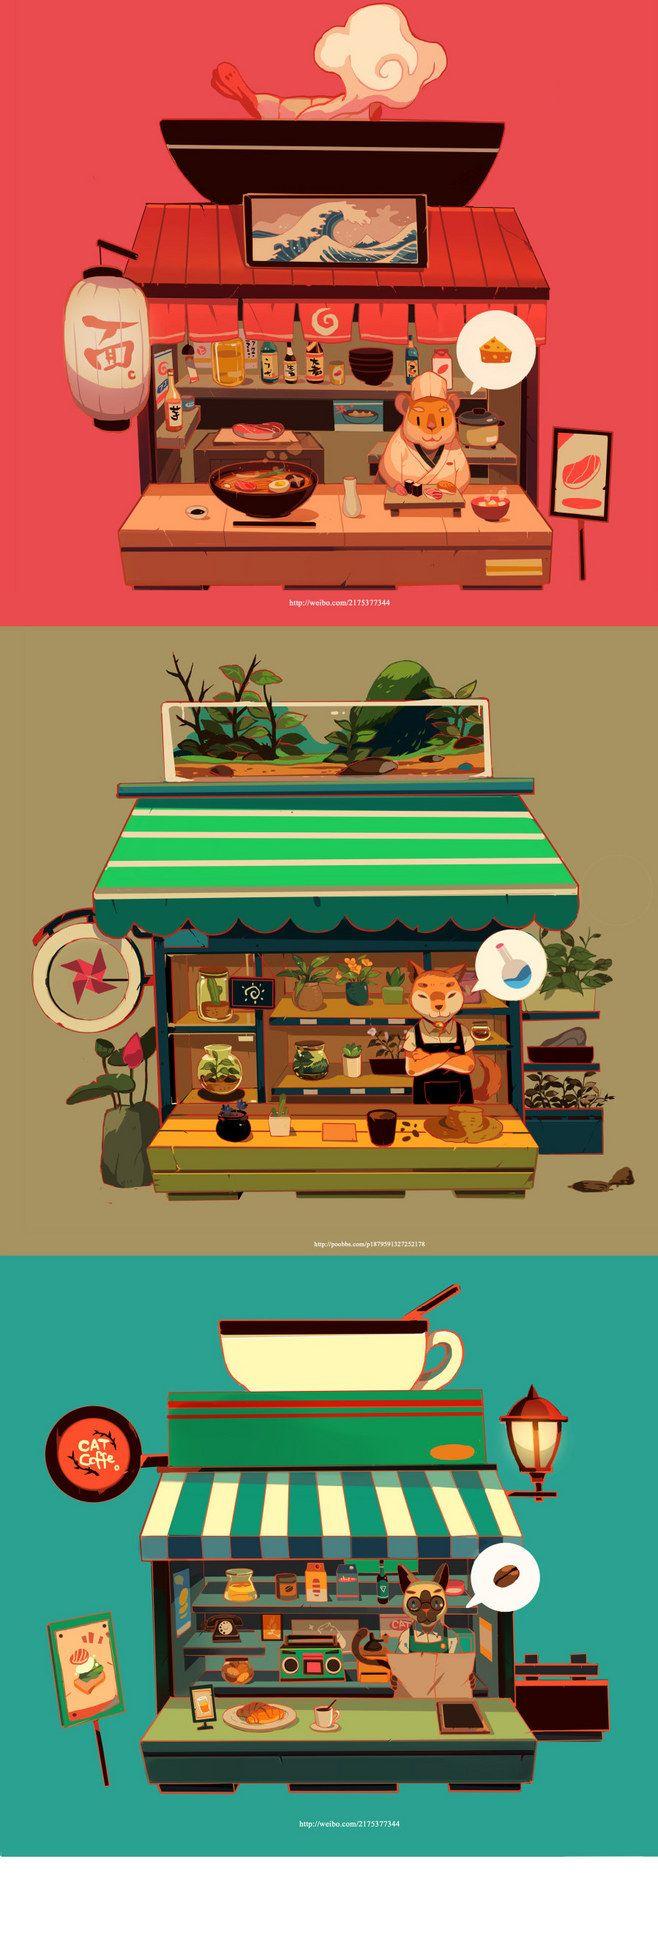 原创作品:GIF 欢迎光临我的小店~ _by 猫小犬 _from ZCool (http://www.zcool.com.cn/u/2494972)_點開有原GIF圖